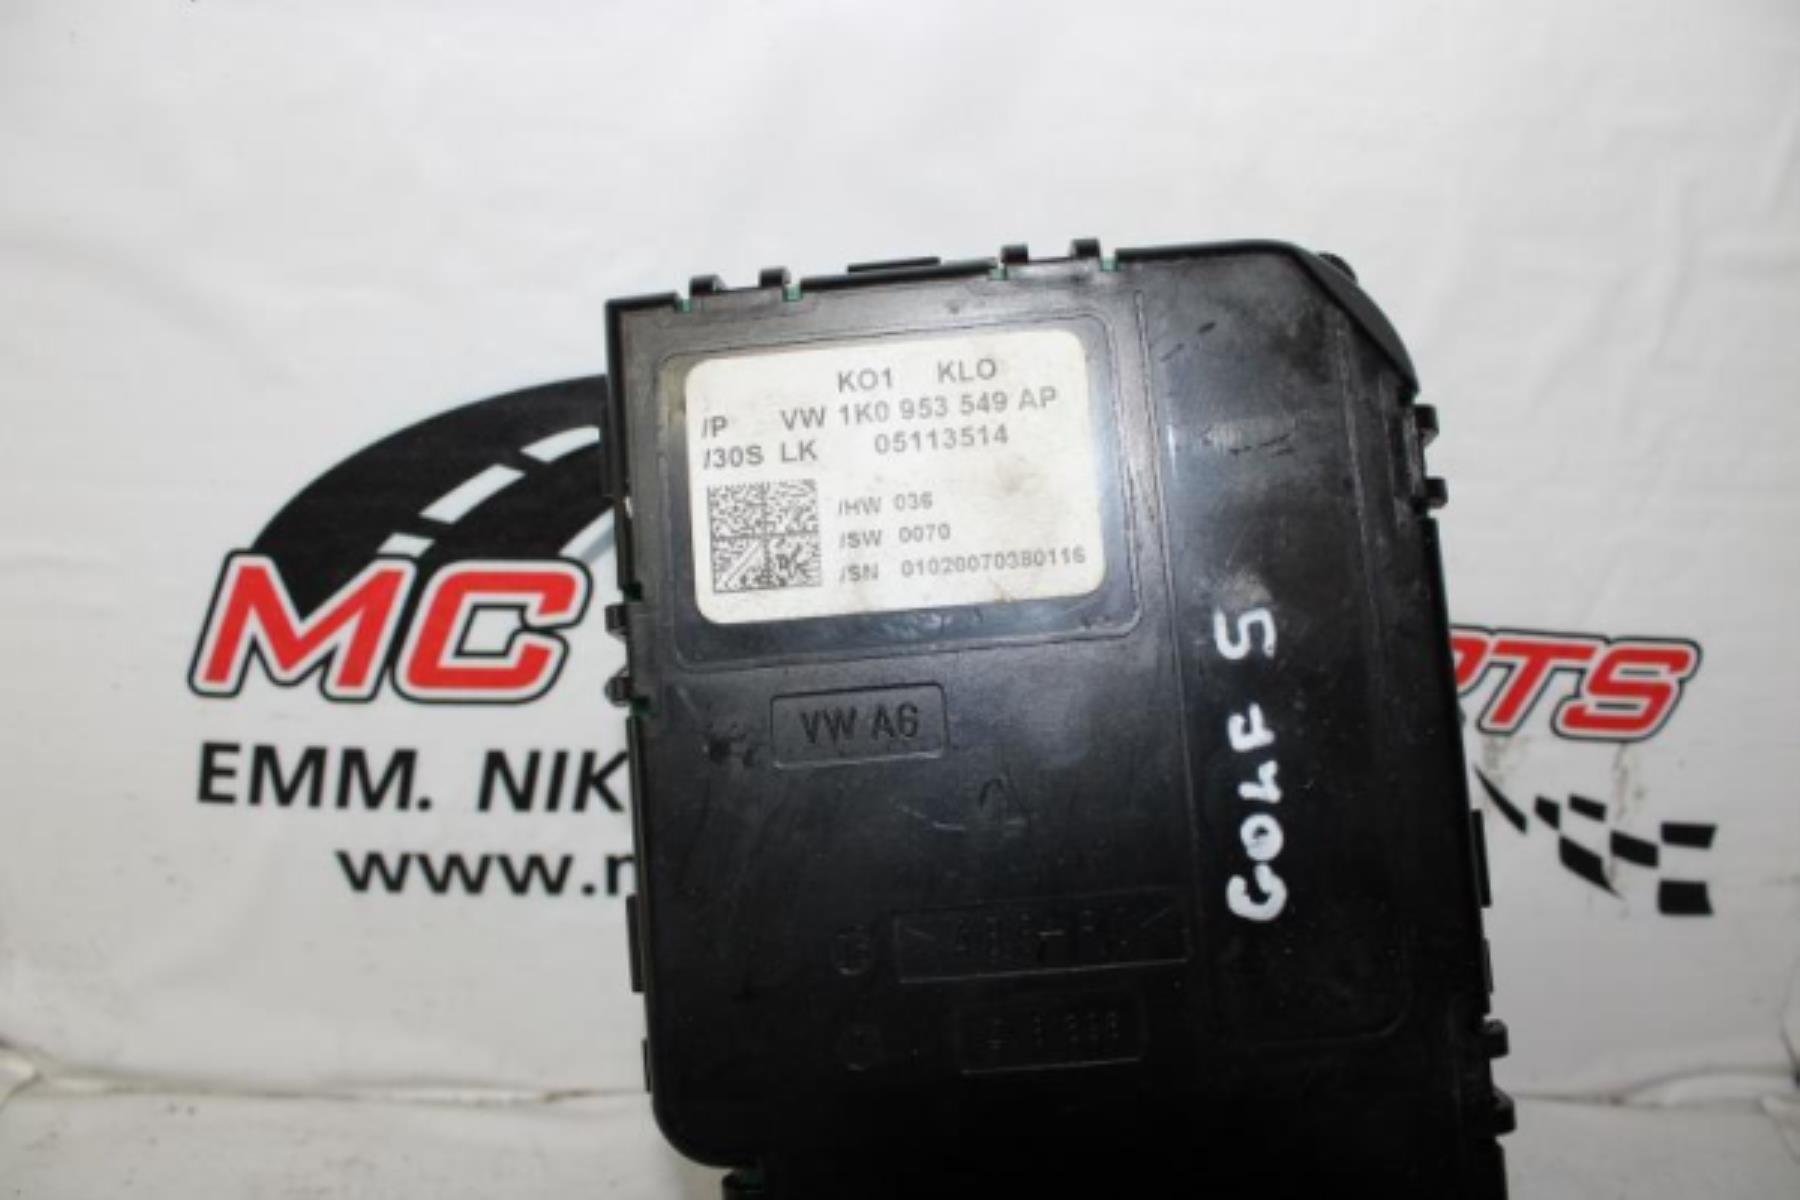 Εικόνα από Πλακέτα  VW GOLF 5 (2004-2008)  1K0953549AP   τιμονιού